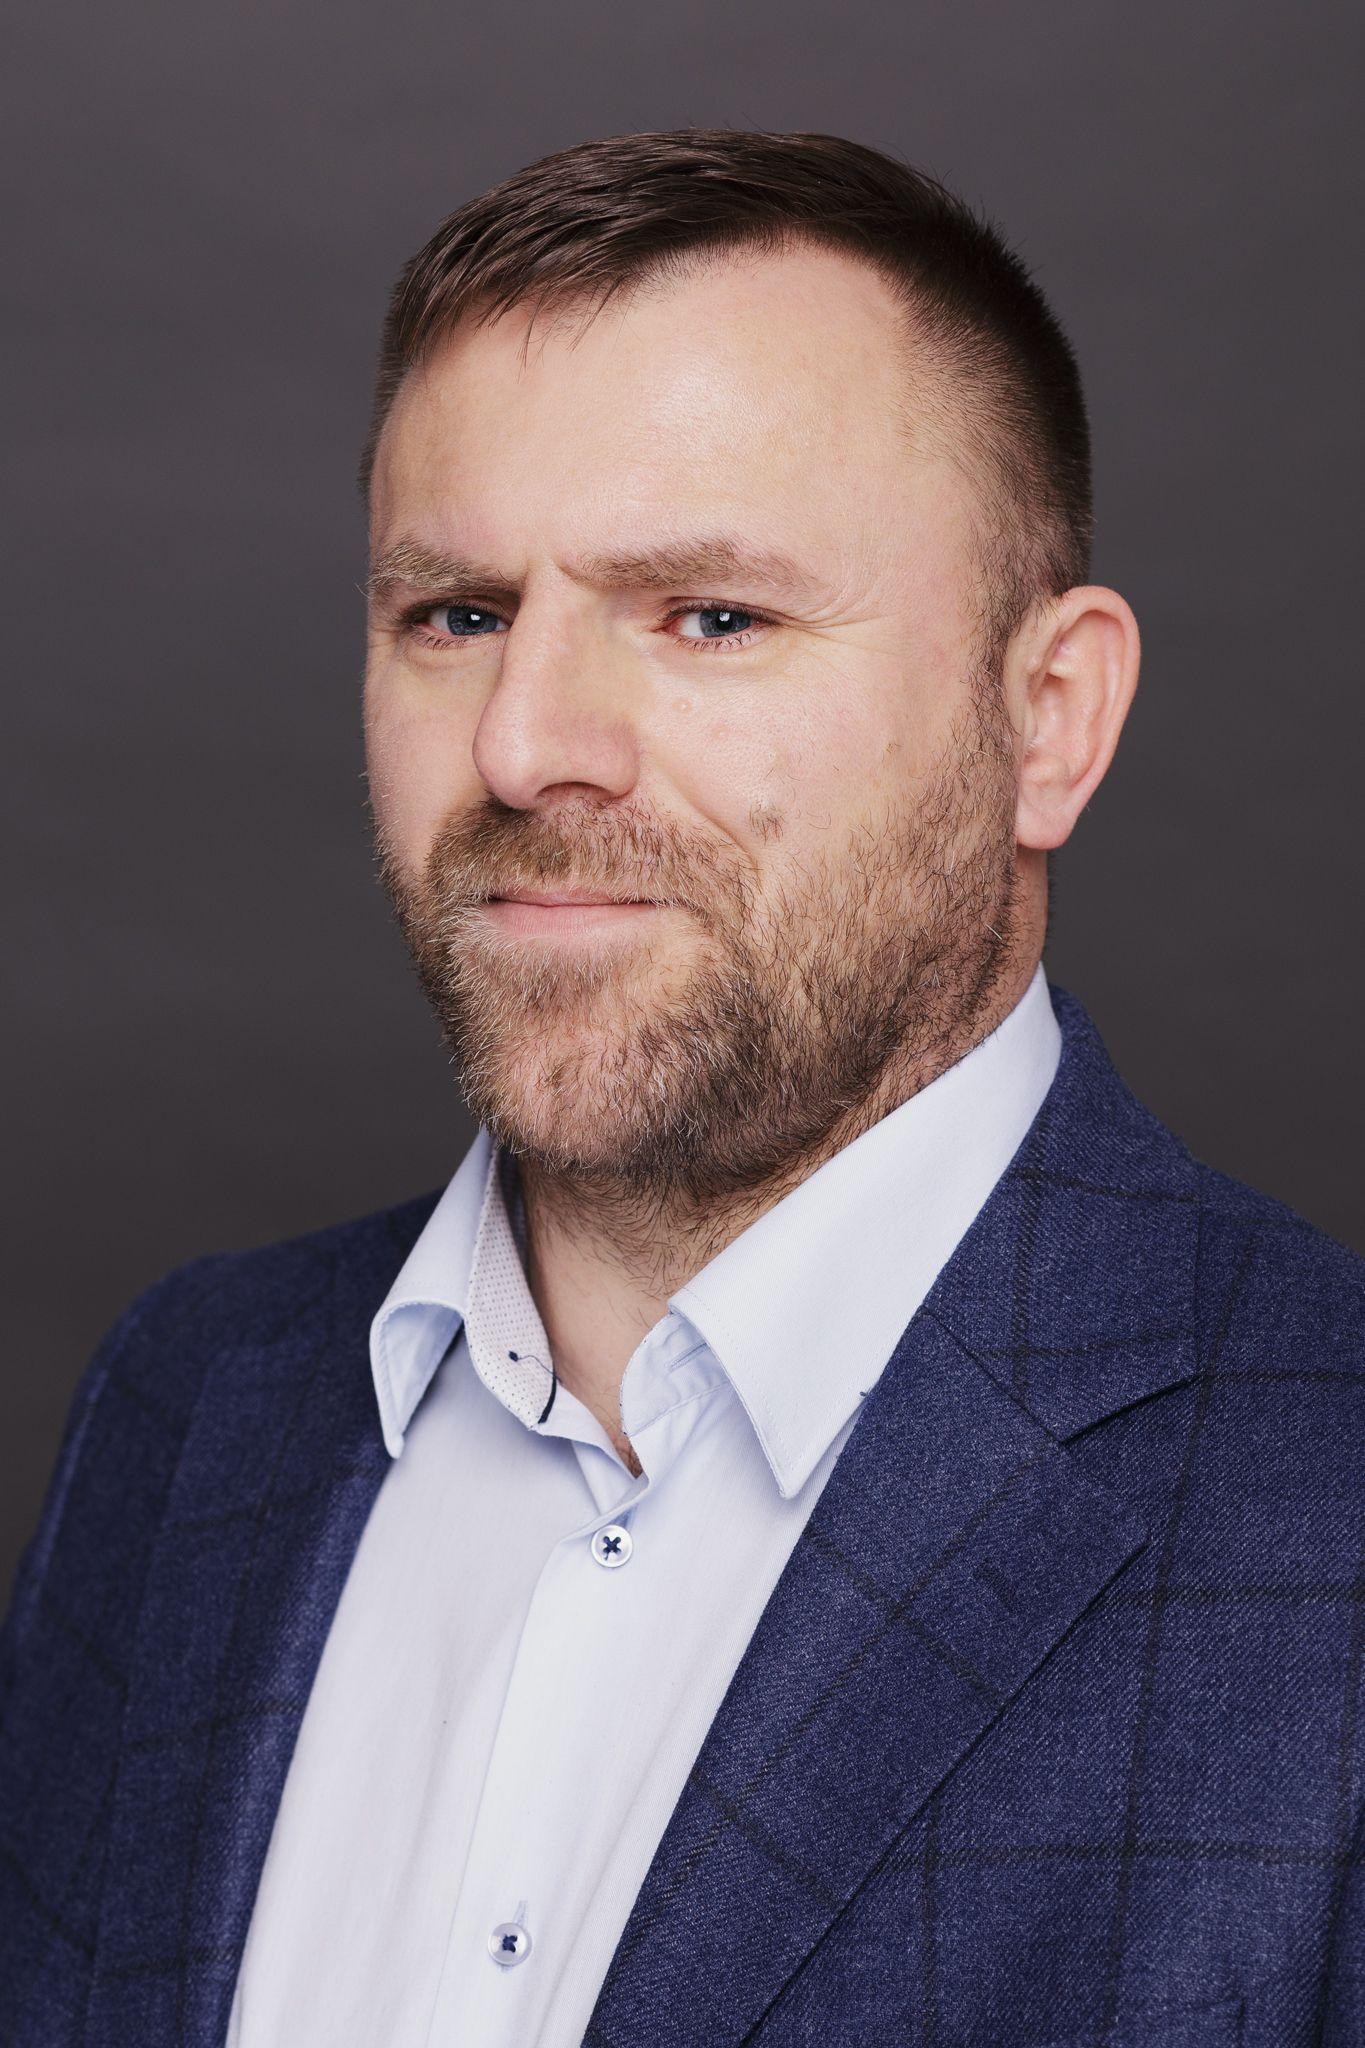 Jacek Gielec